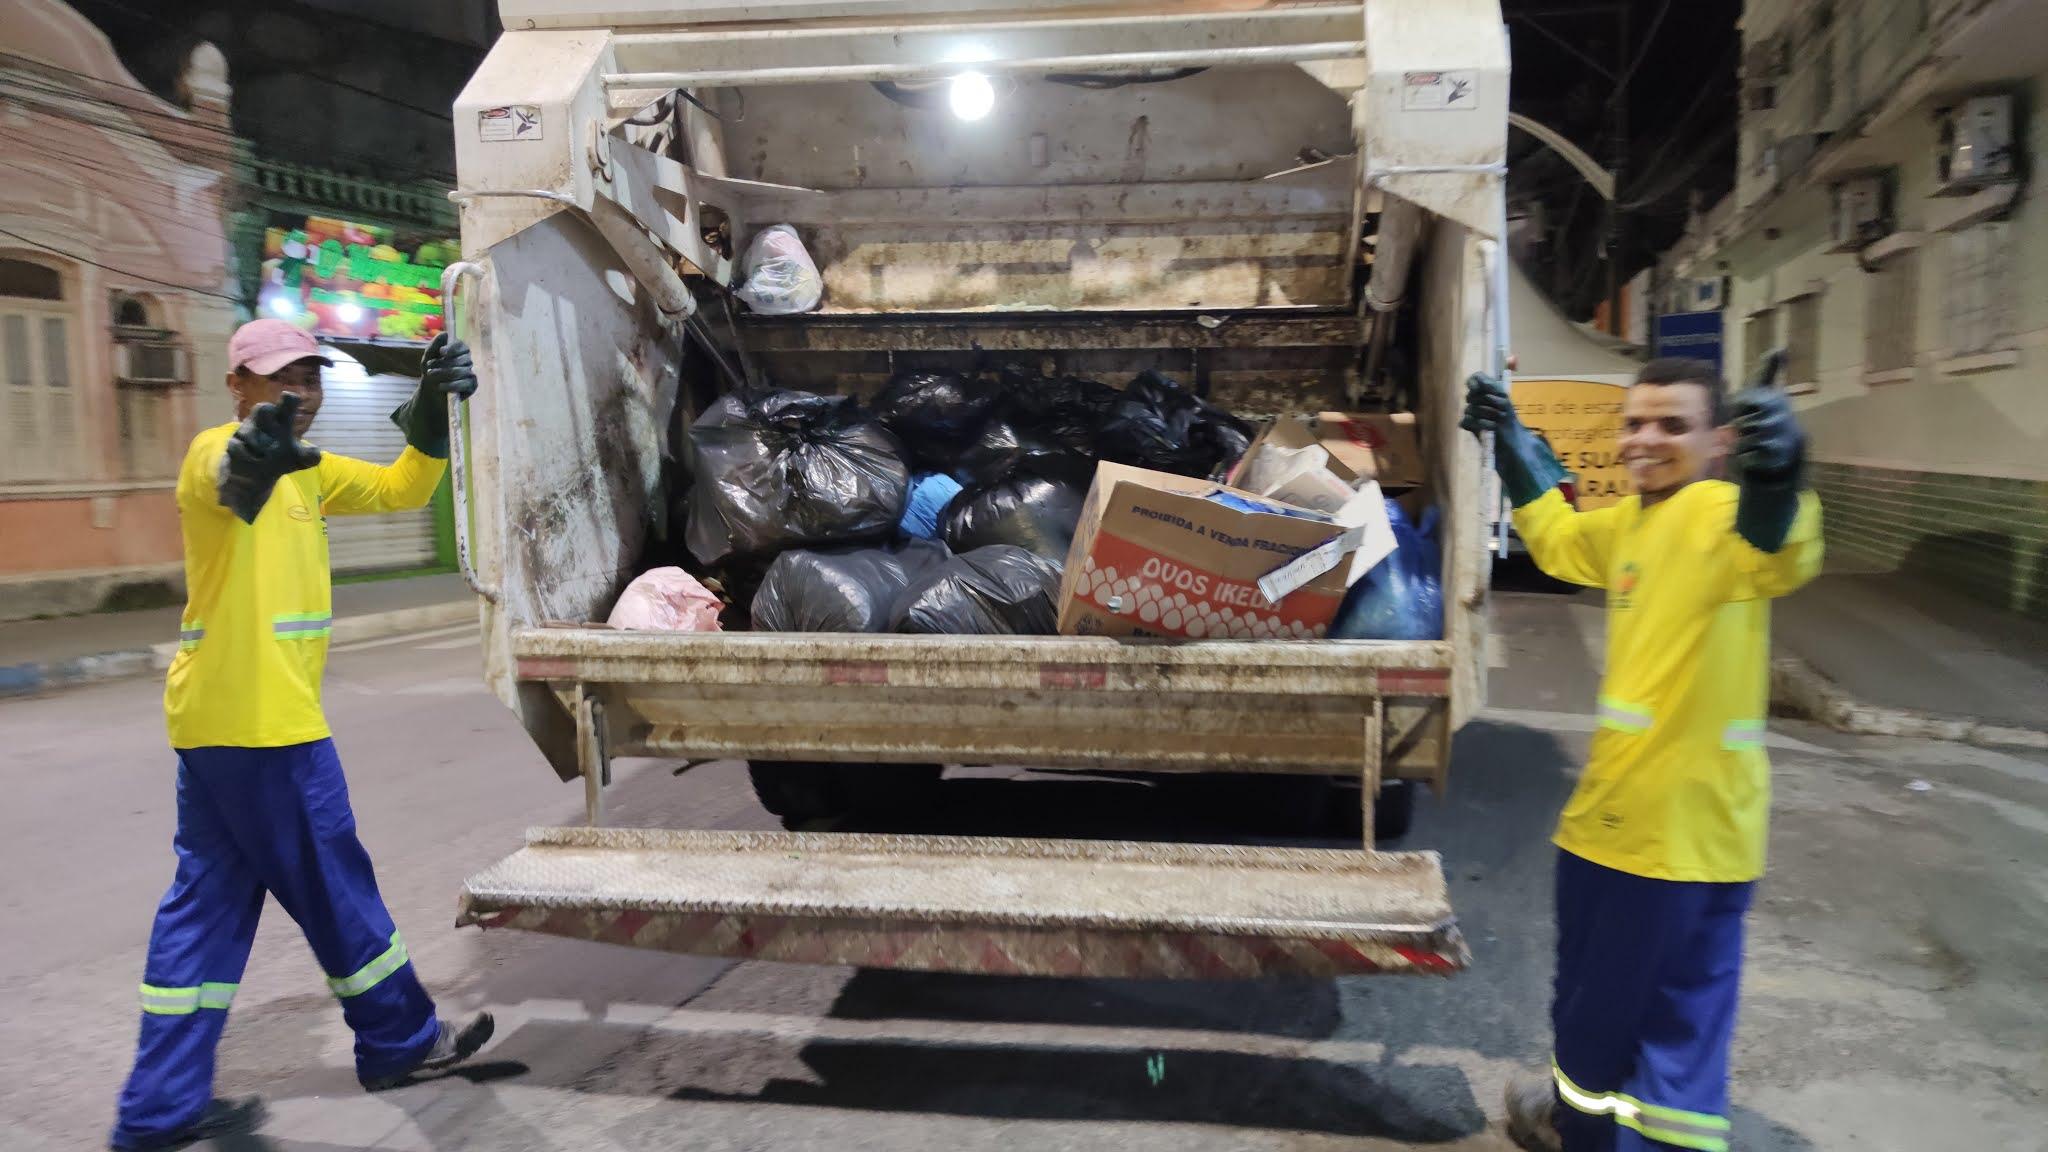 Municípios terão que cobrar taxa  de coleta de lixo; União de Prefeitos da Bahia busca prorrogar prazo